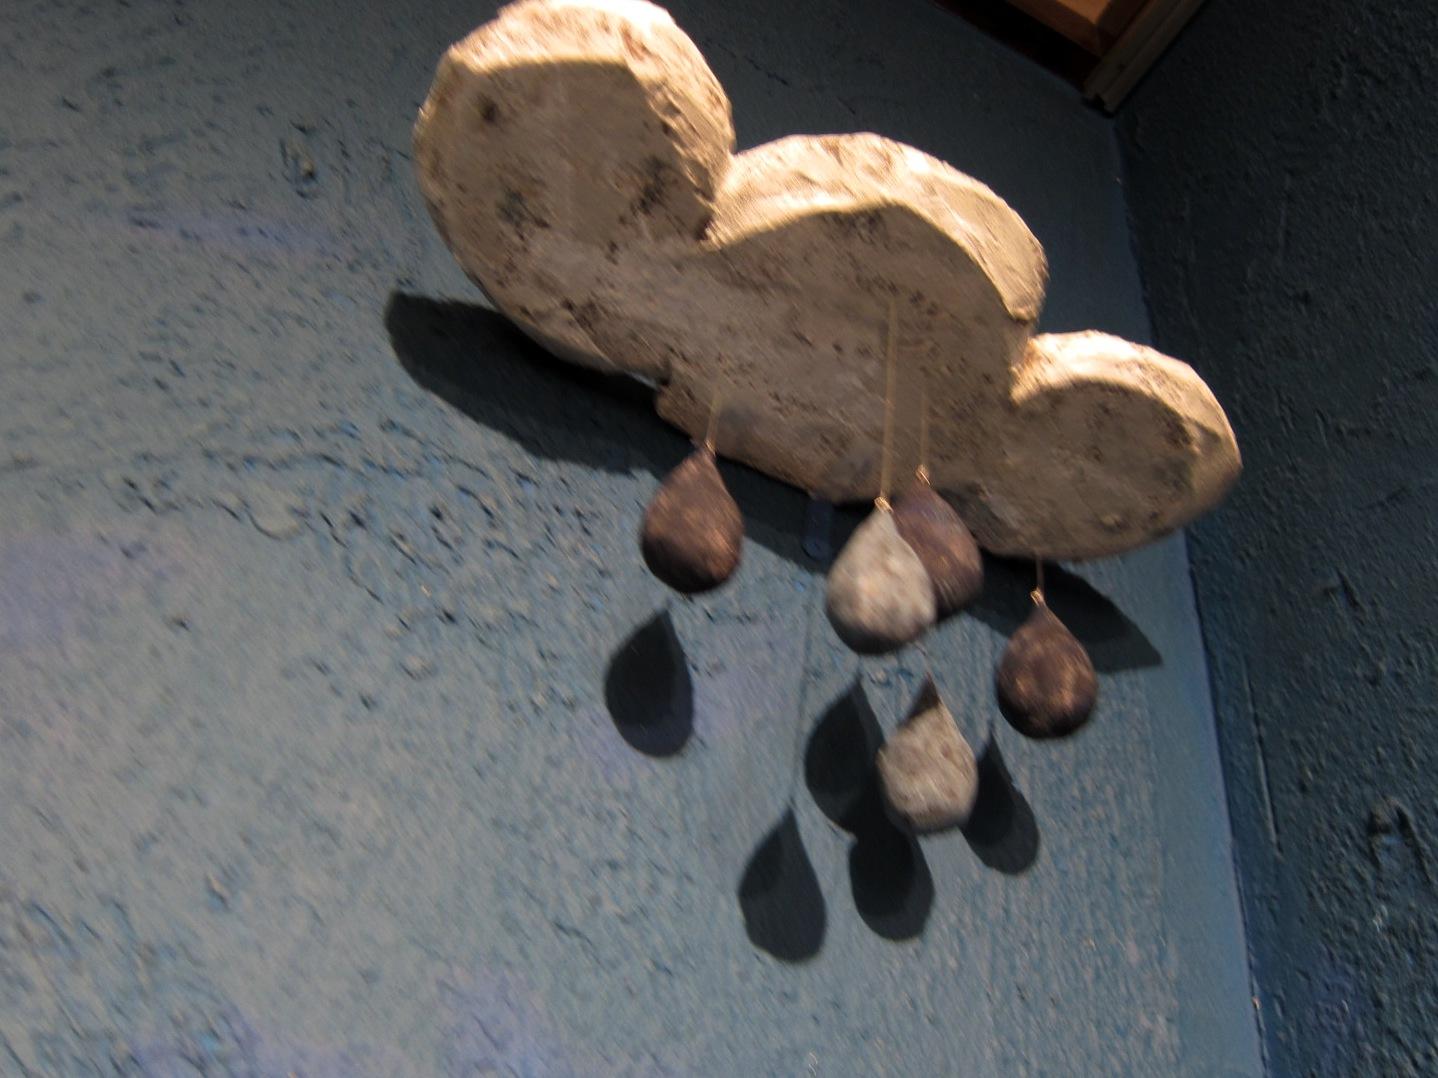 2207)「経塚真代 KEIZUKA MASAYO 造形作品展 『ちいさくて見えない星』」エスキス 9月5日(木)~10月1日(火)_f0126829_12133021.jpg